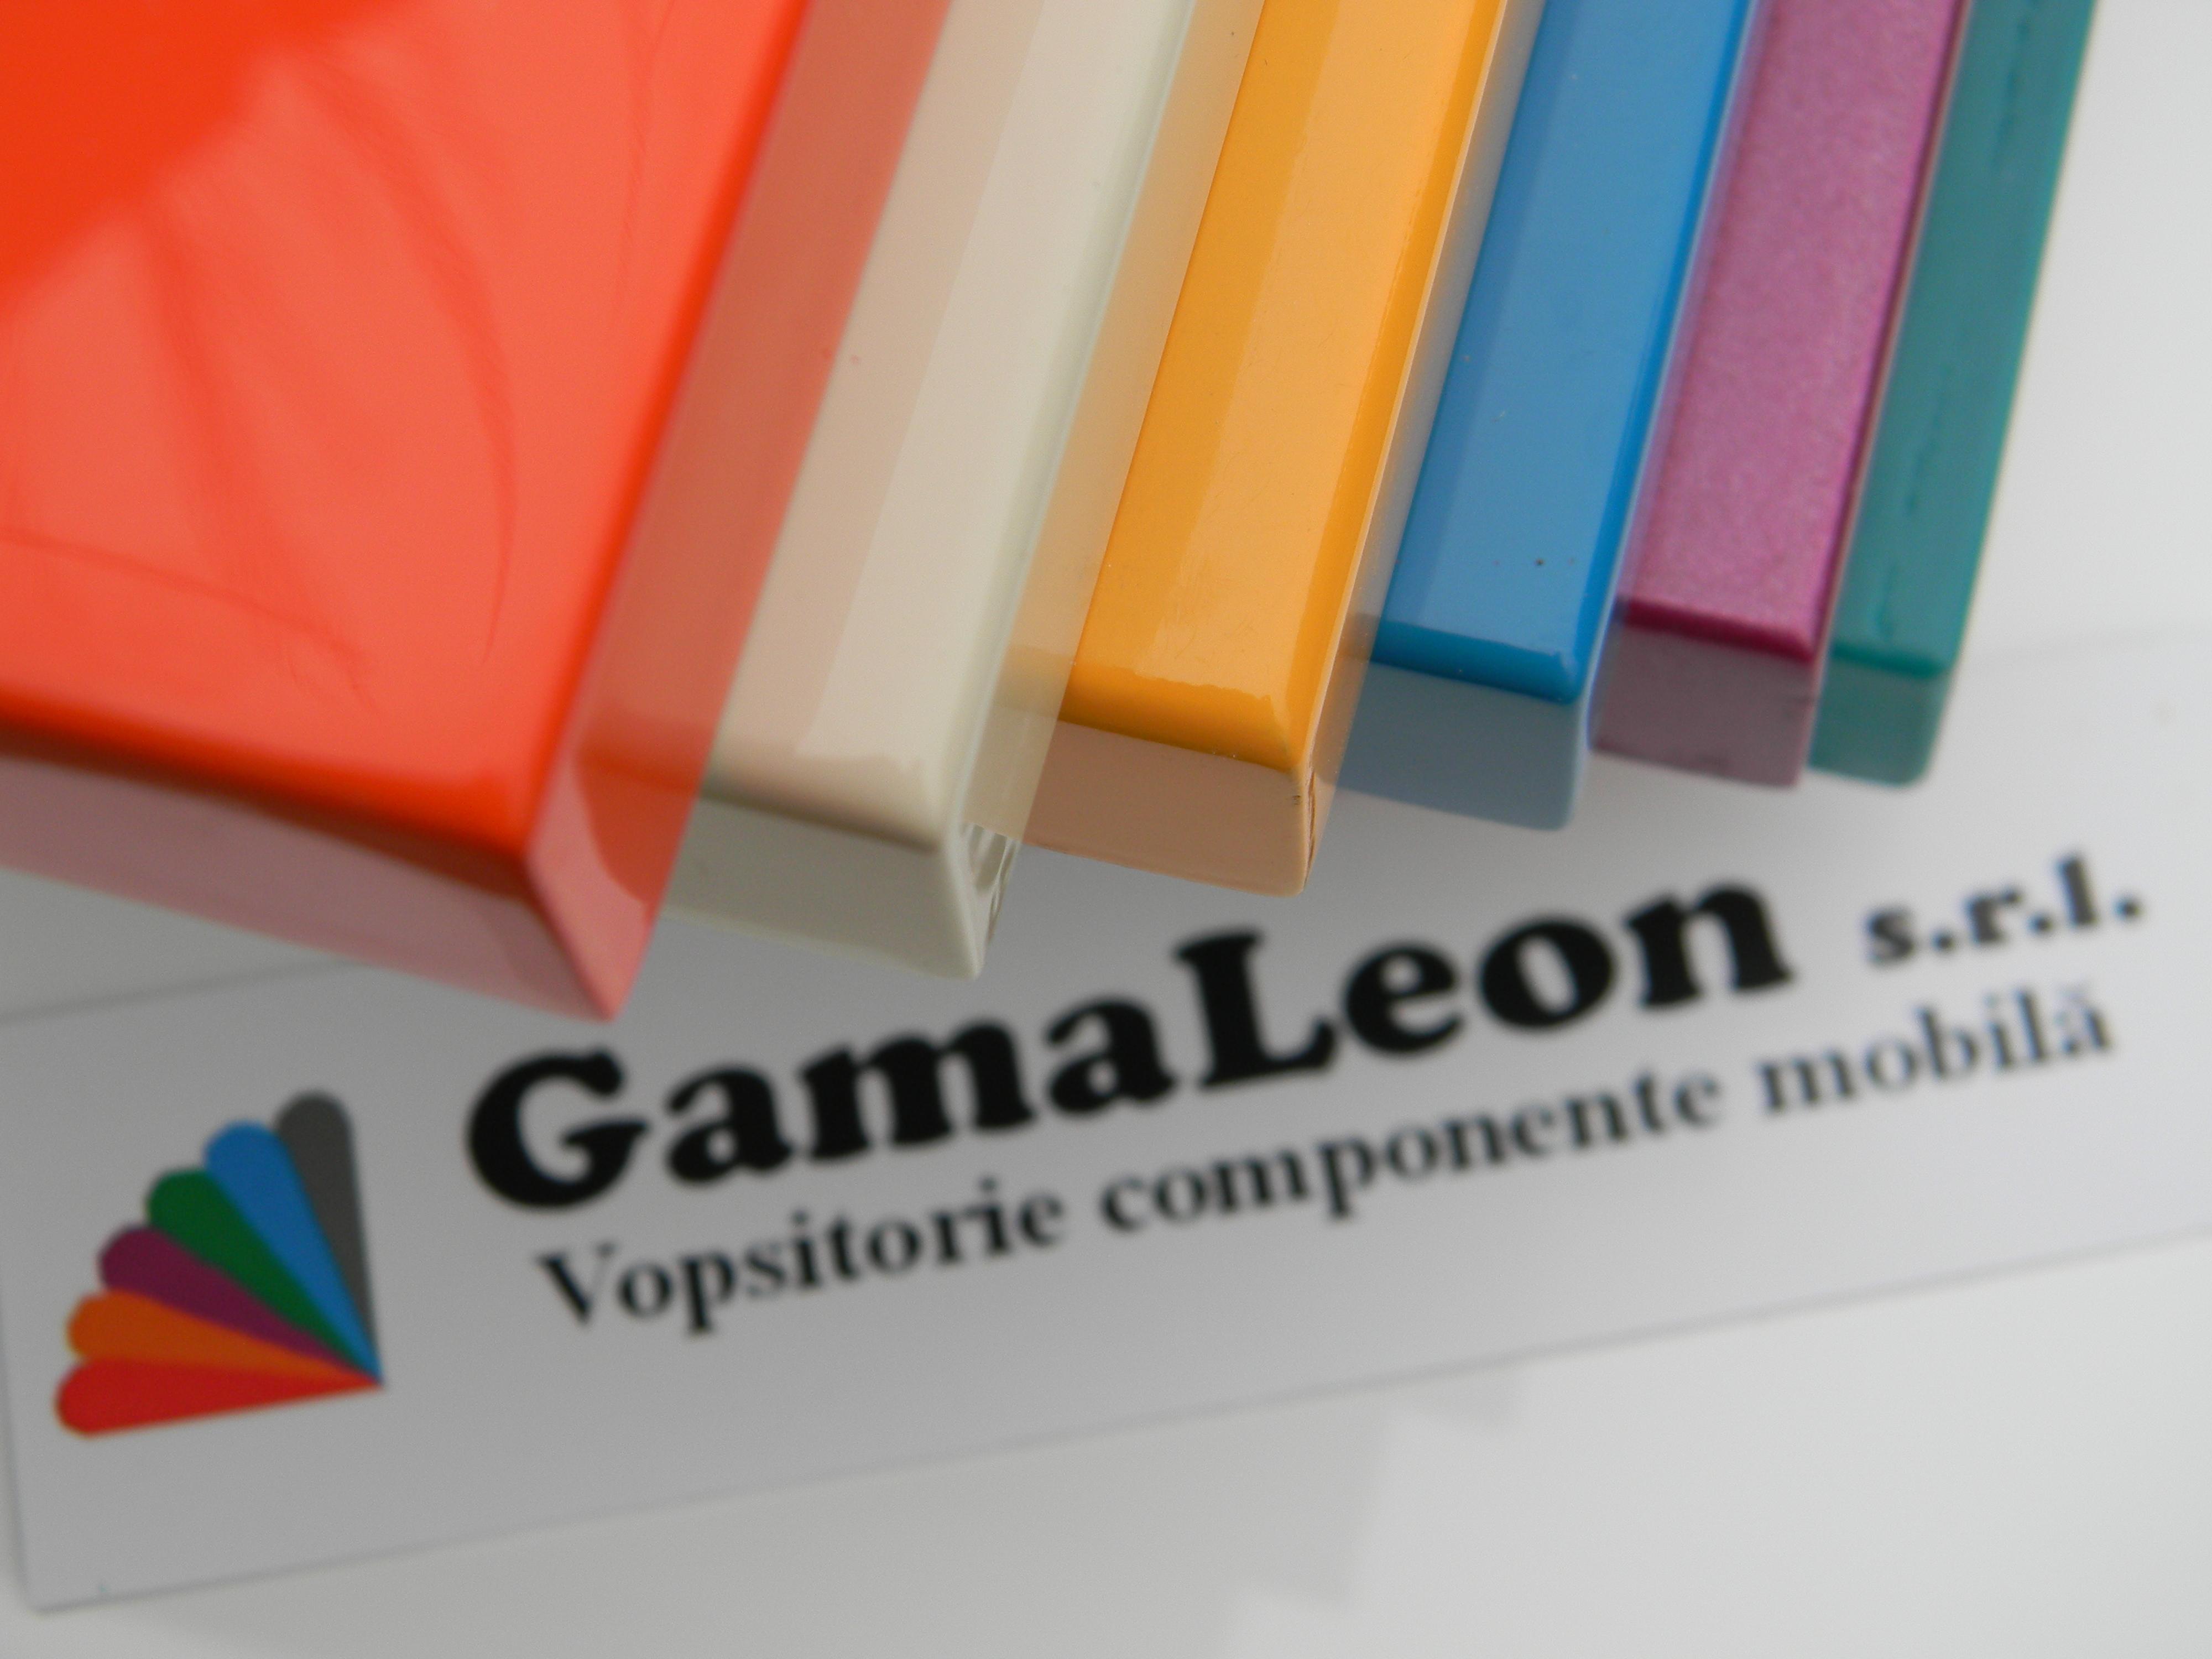 Fronturi MDF Gama Leon